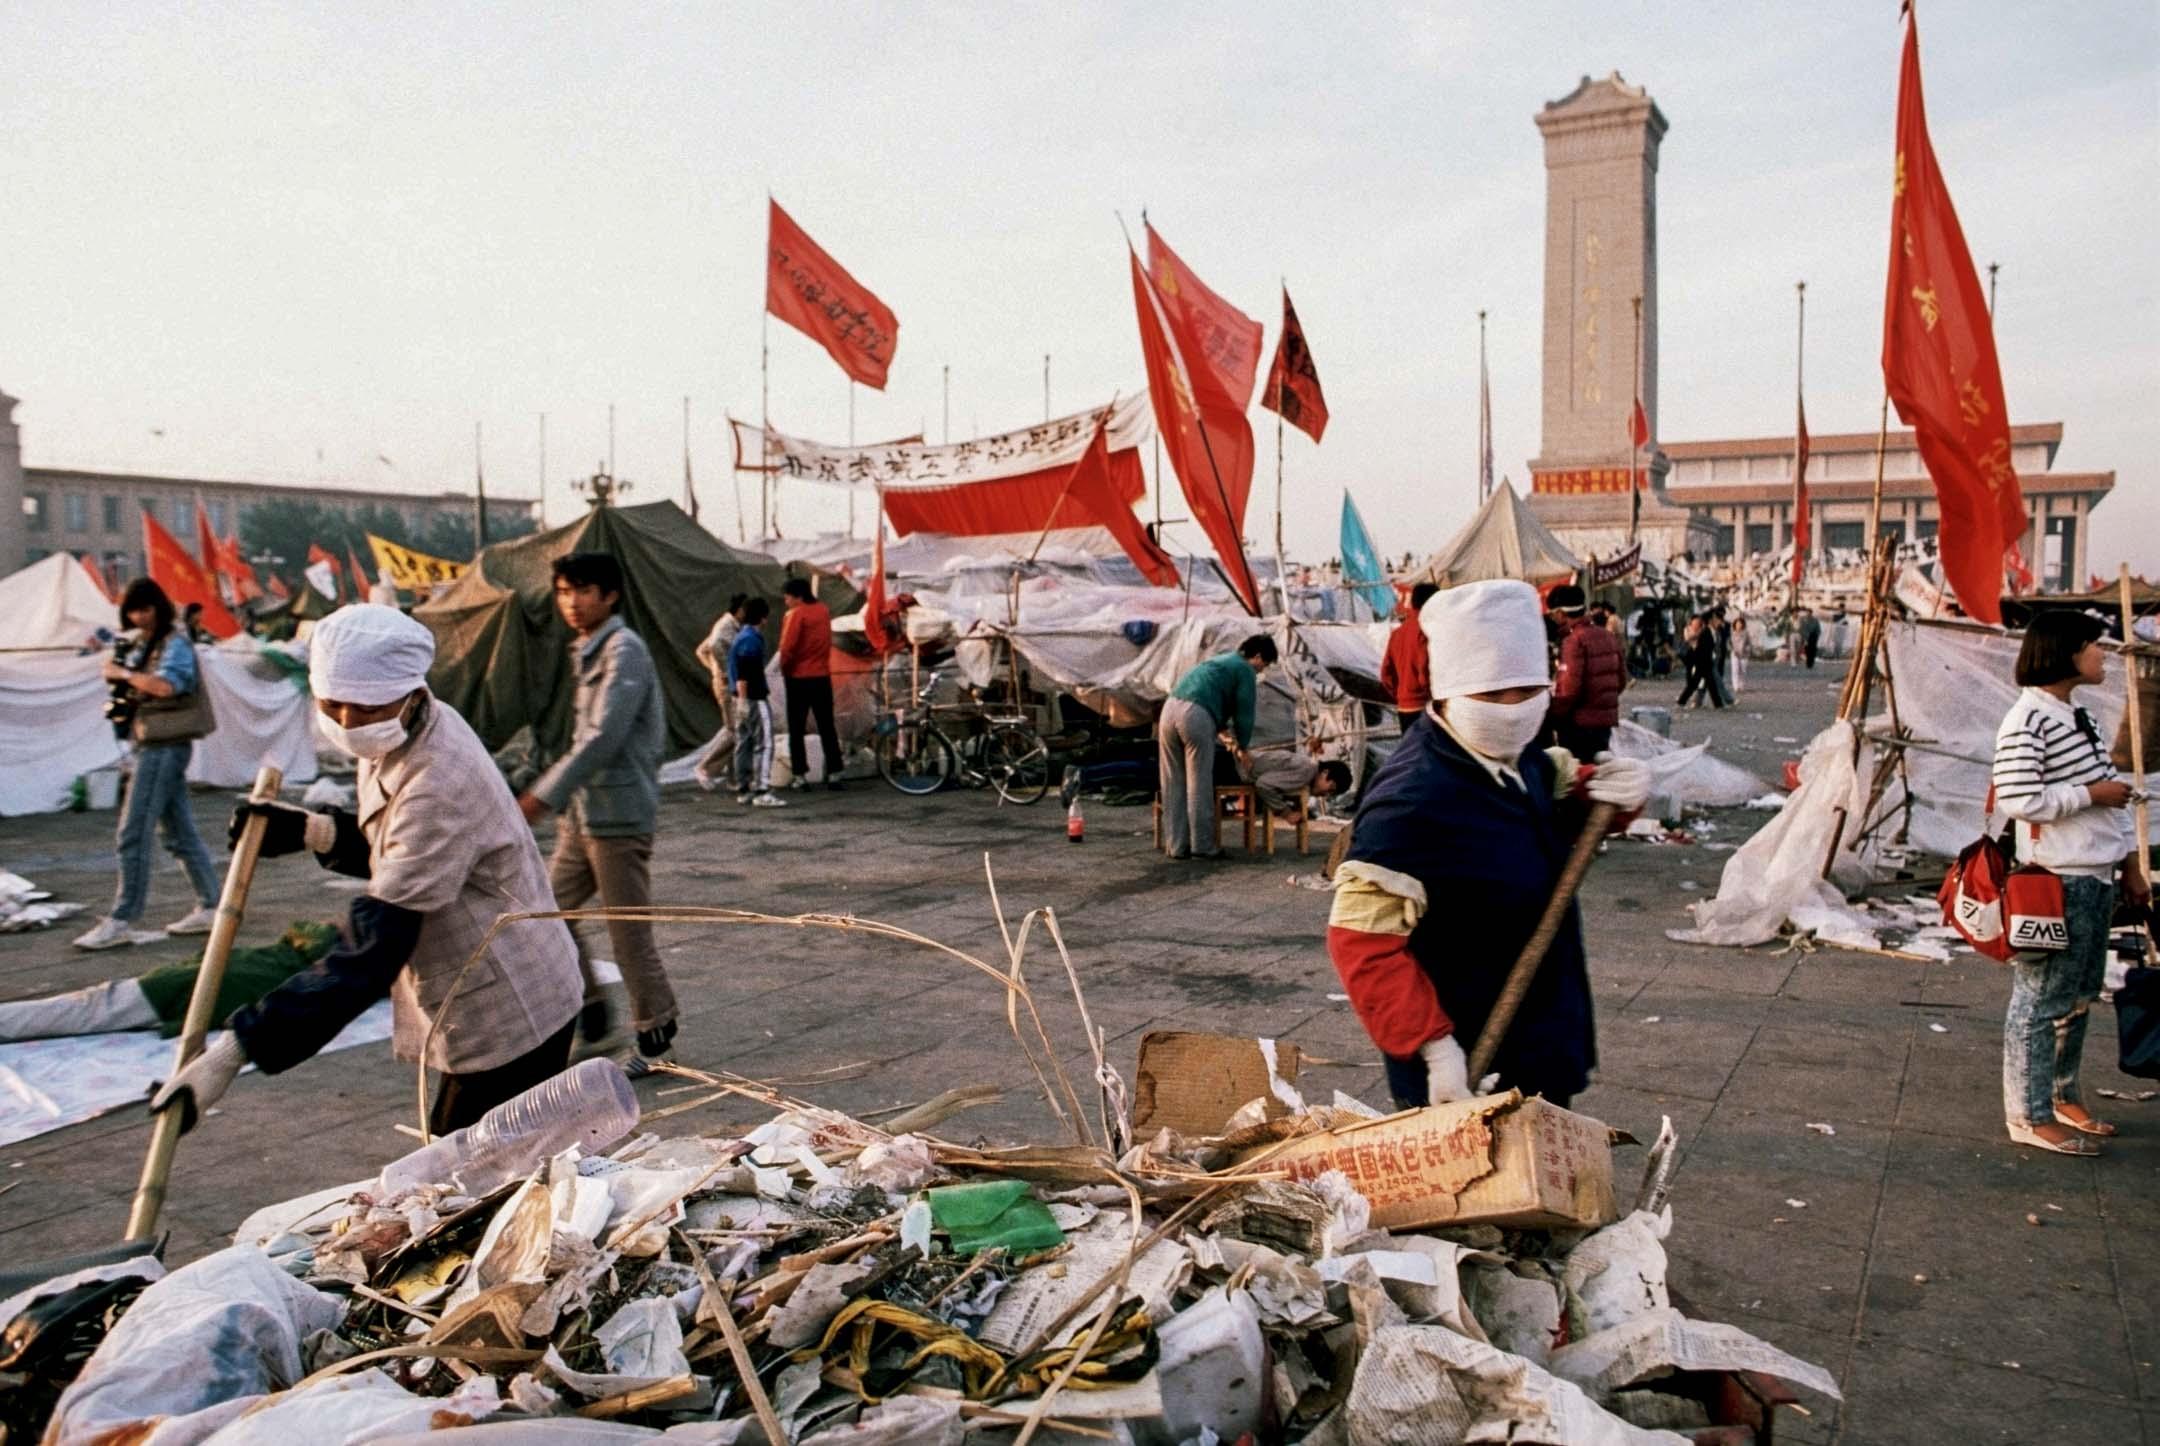 1989年4月間,與學生幾乎同時開始在天安門廣場聚集的,是北京的工人和市民。六四運動中,抗議通貨膨脹、抗議「官倒」及抗議腐敗的訴求貫穿始終。 攝:Peter Charlesworth/LightRocket via Getty Images)